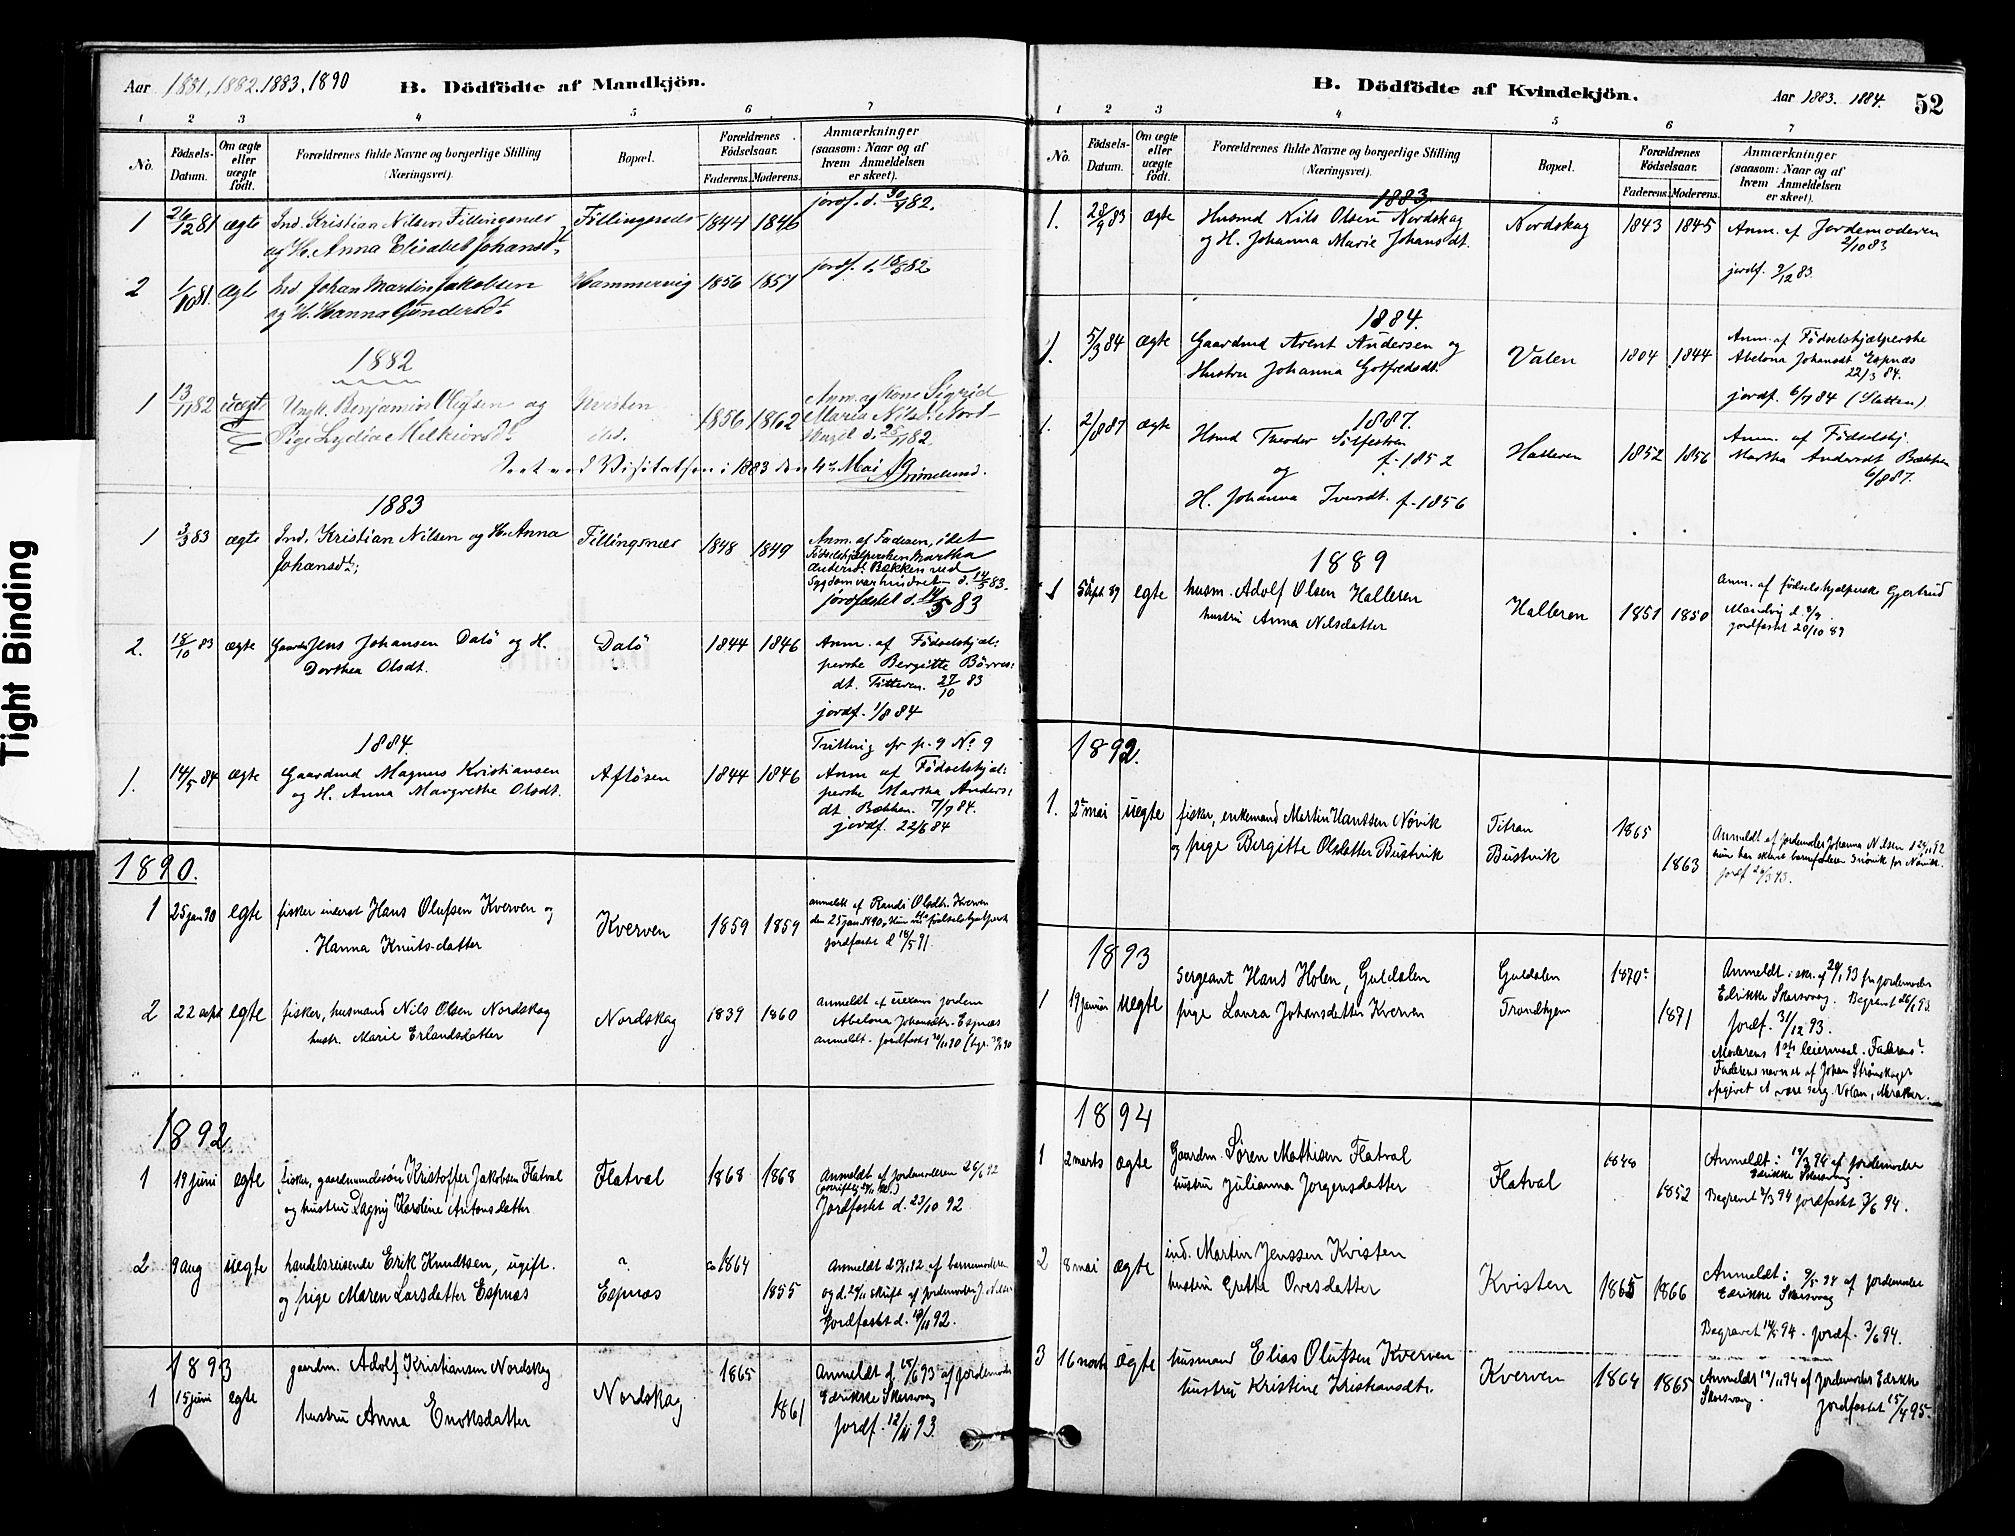 SAT, Ministerialprotokoller, klokkerbøker og fødselsregistre - Sør-Trøndelag, 641/L0595: Ministerialbok nr. 641A01, 1882-1897, s. 52